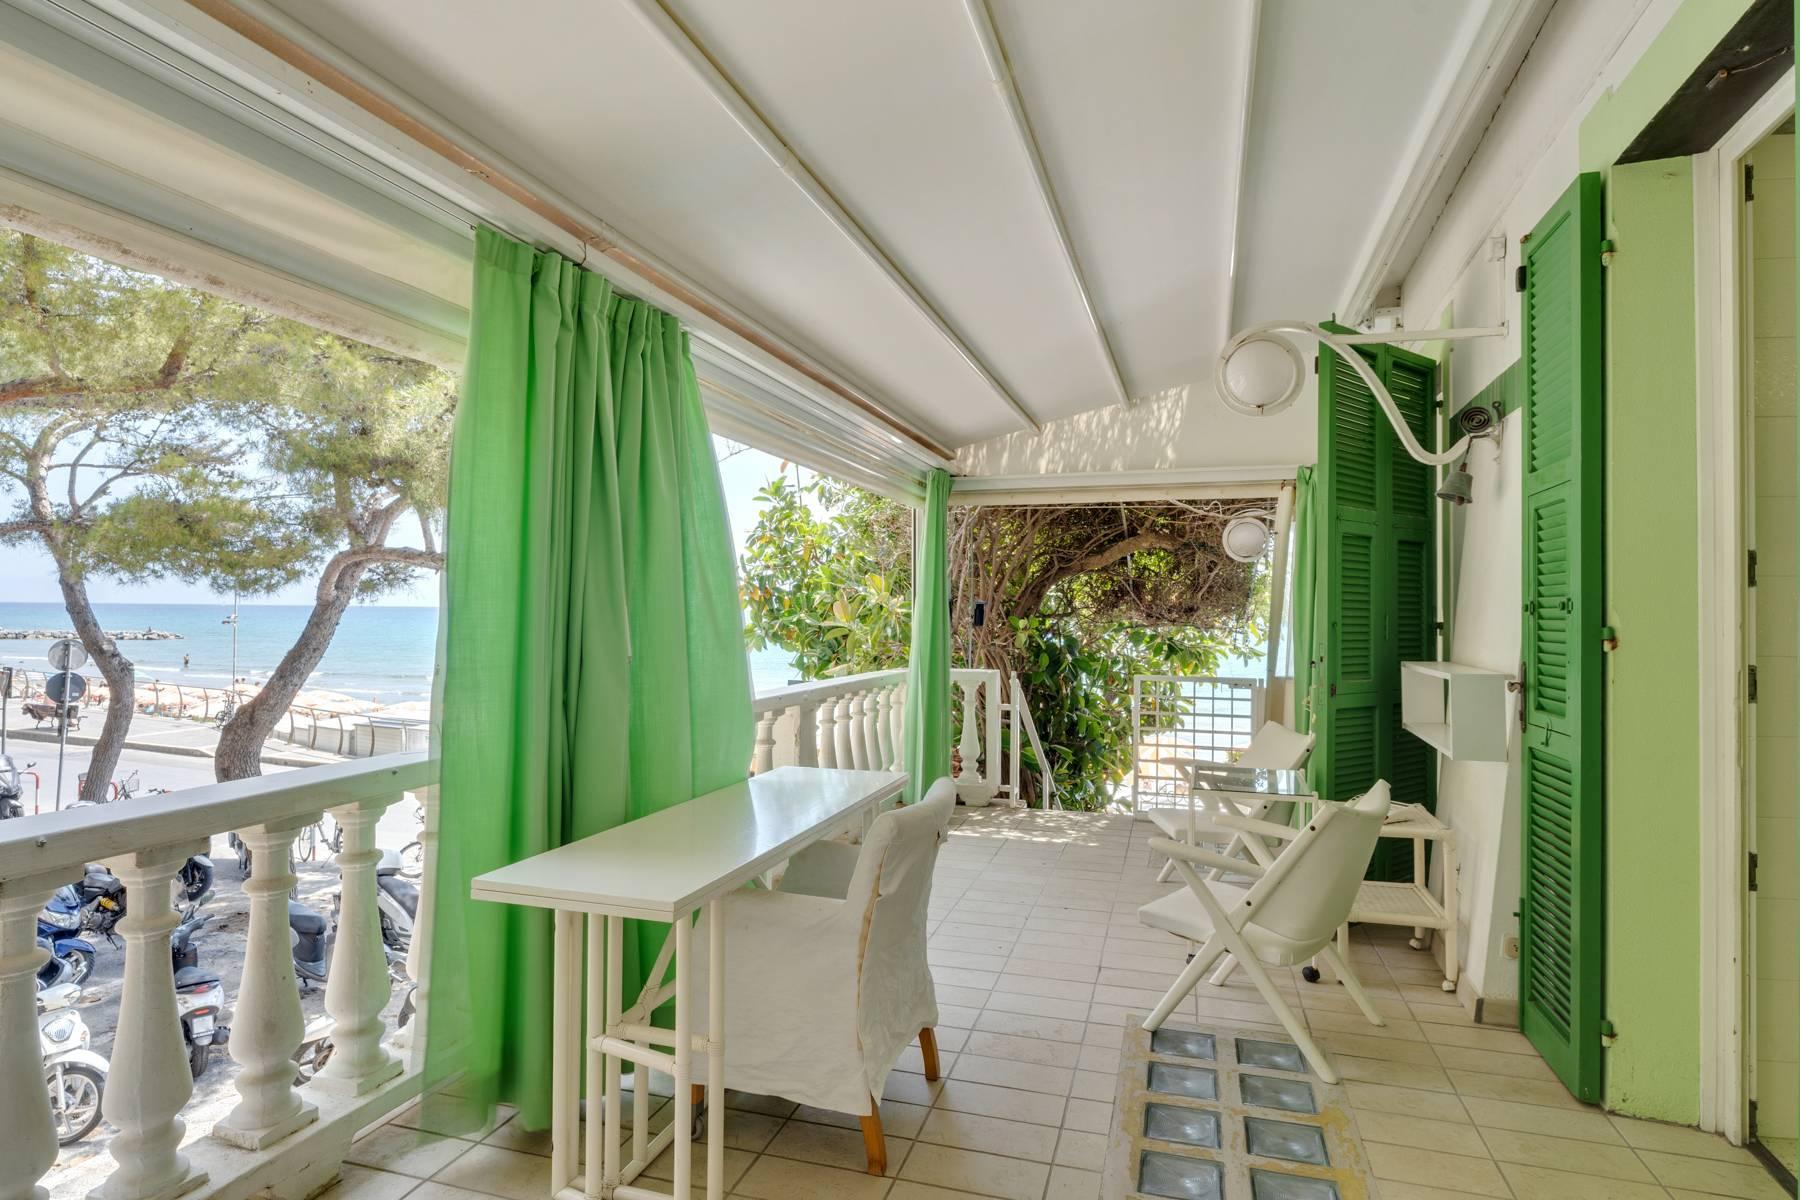 Casa indipendente in Vendita a Alassio: 5 locali, 230 mq - Foto 9